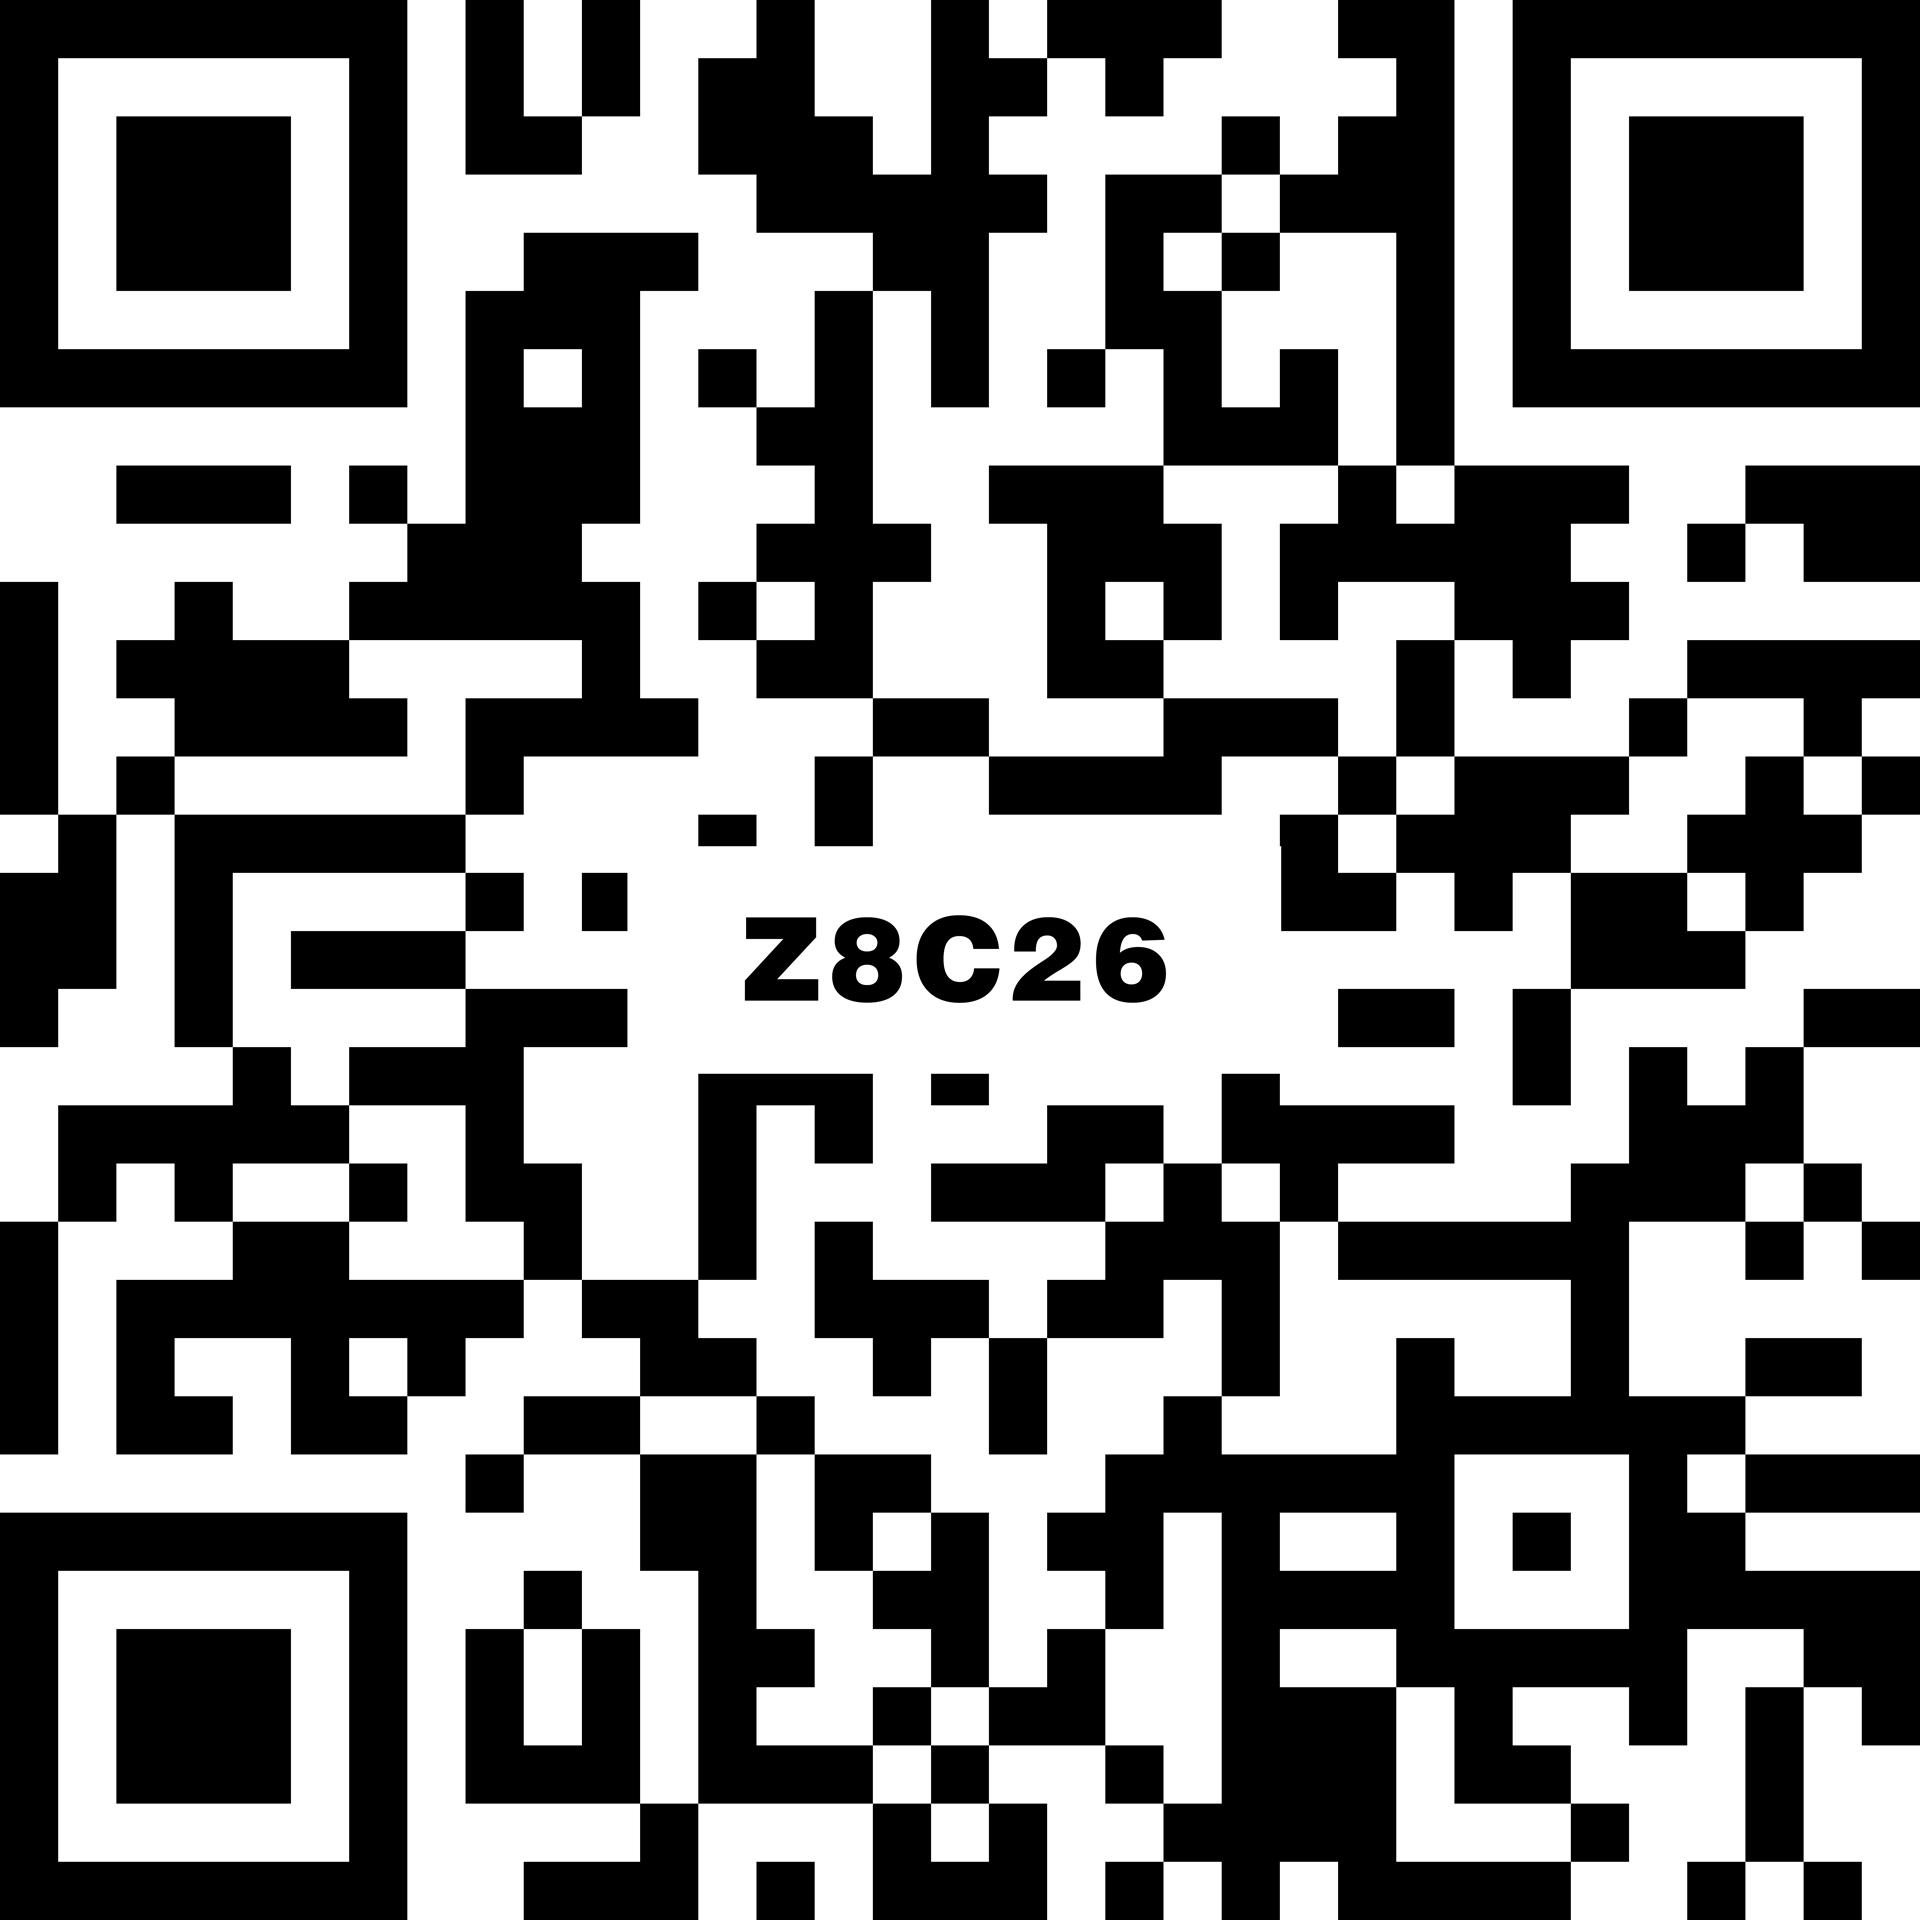 Z8C26